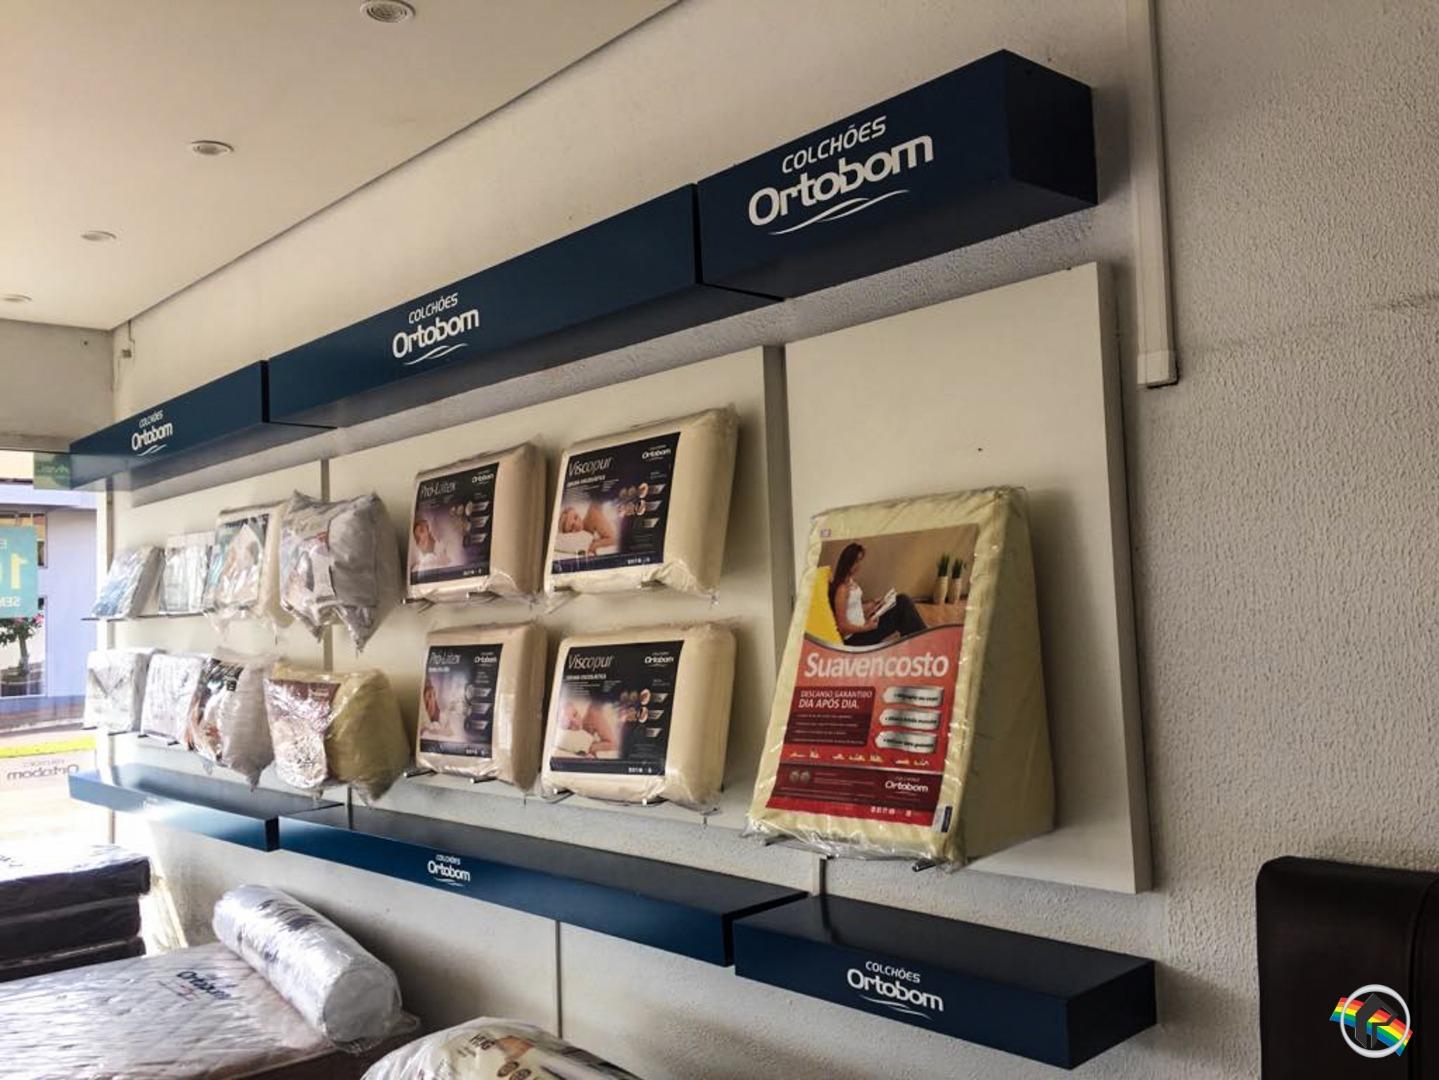 Colchões Ortobom é o assunto do Empresas e Empresários